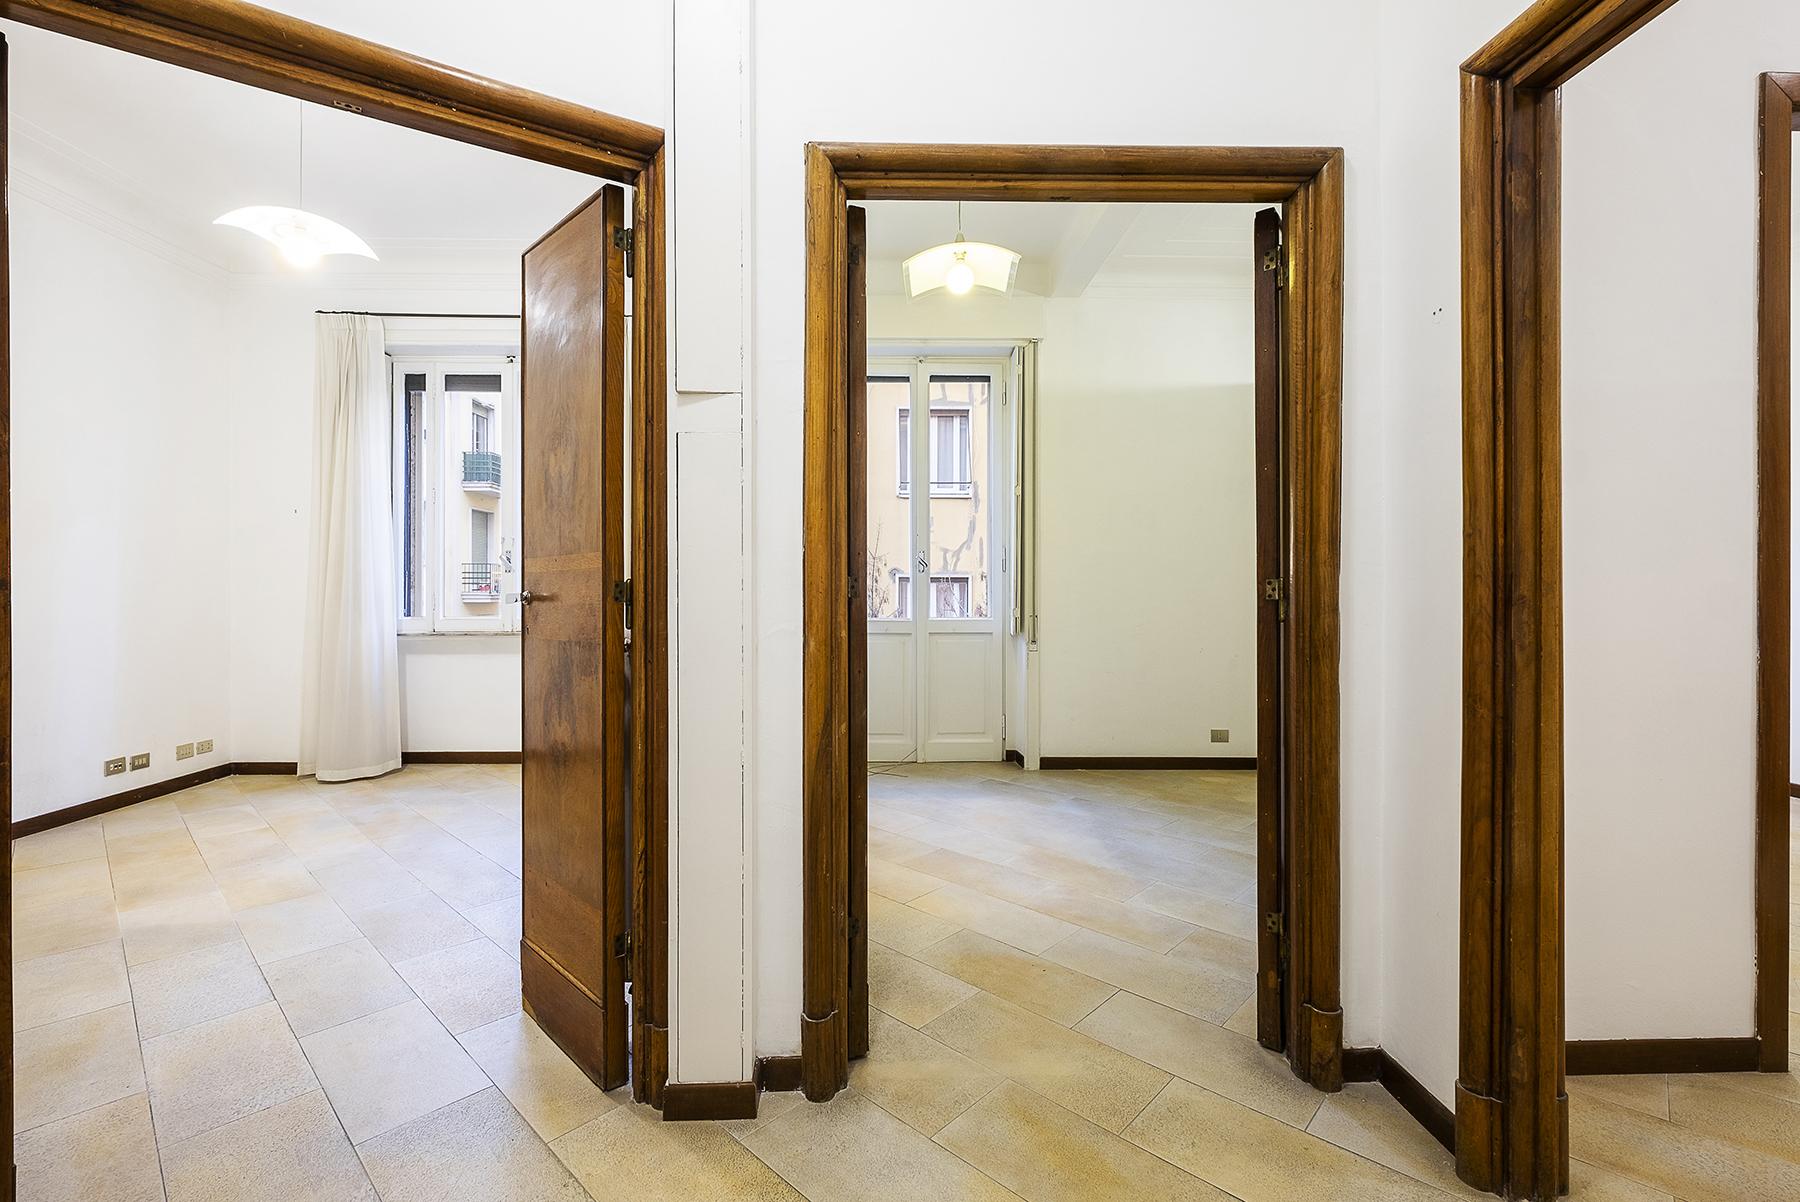 Appartamento di lusso in affitto a roma via angelo secchi for Locali in affitto roma